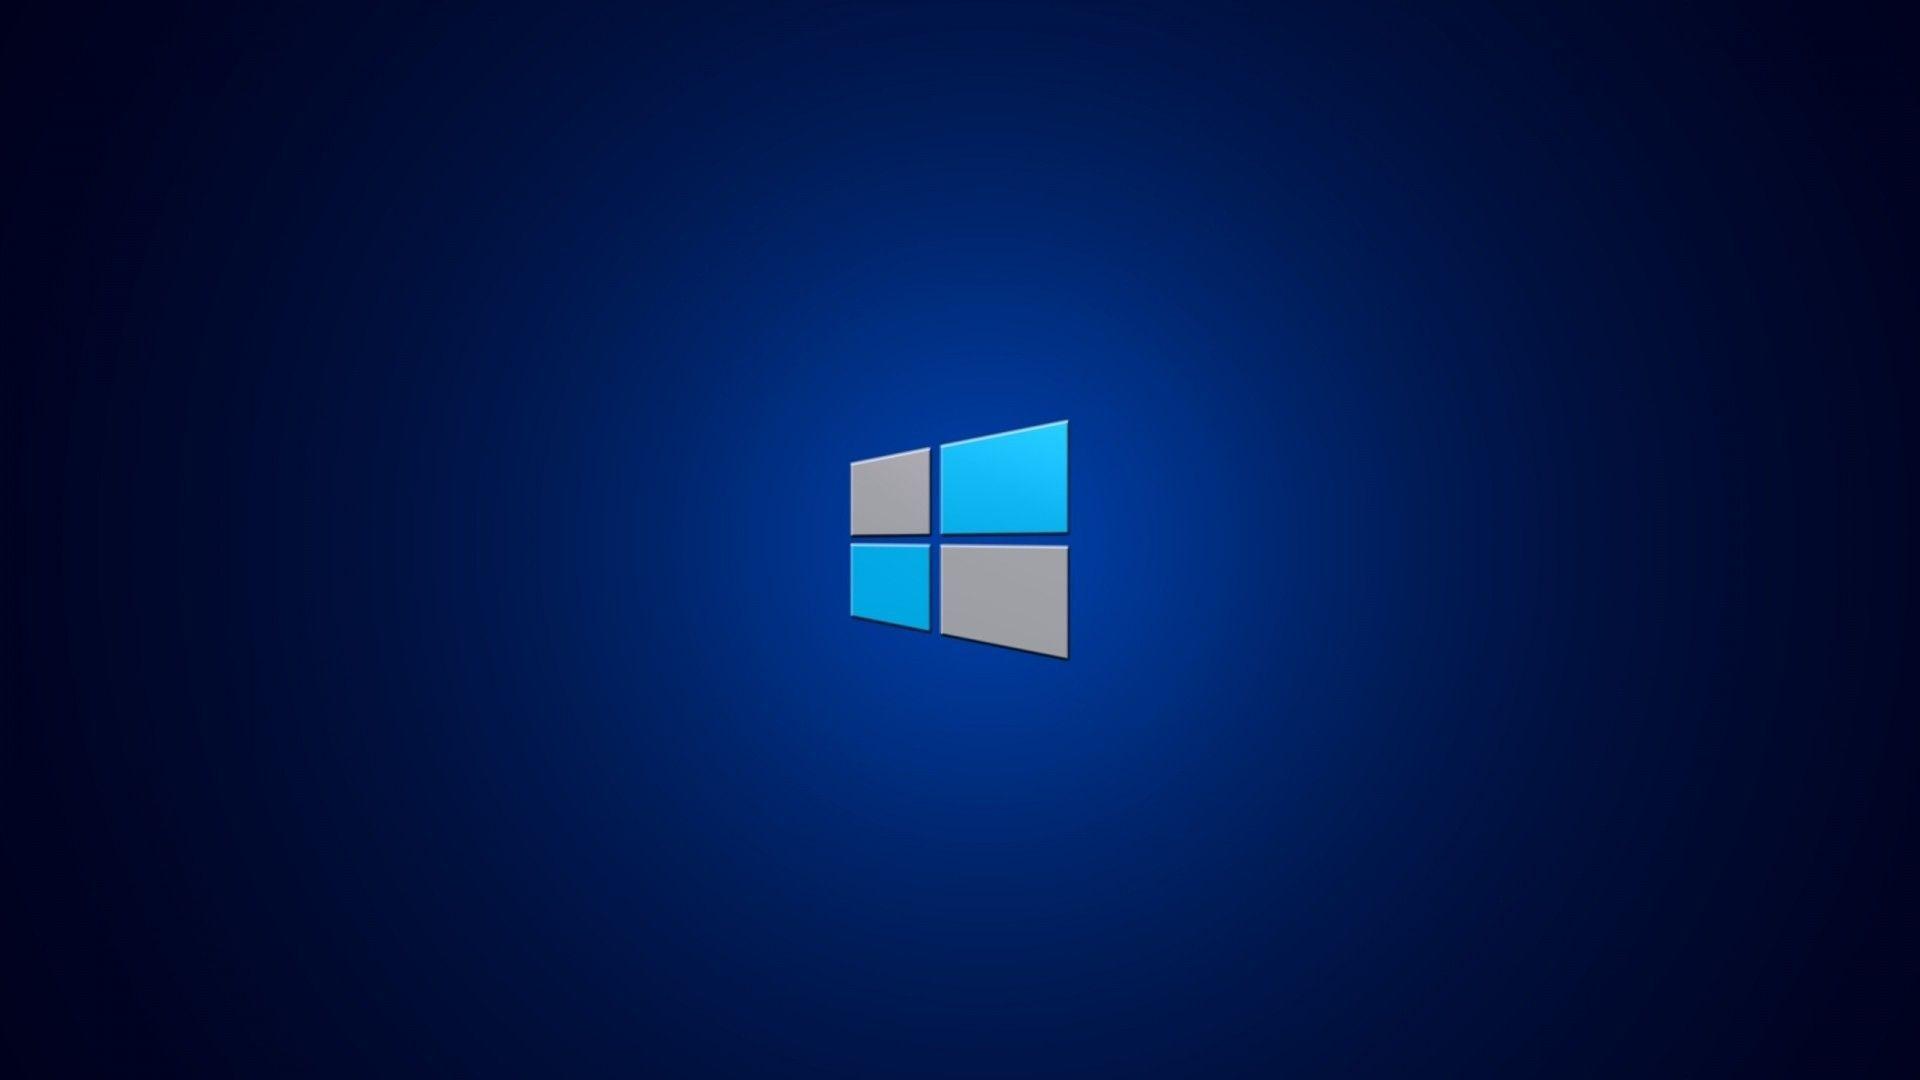 Elegant Windows 8 1 Wallpaper Hd 1080p Download Check More At Https Zdwebhosting Com Windows 8 1 Wallpaper Hd 1080p Download Dengan Gambar Minimalis